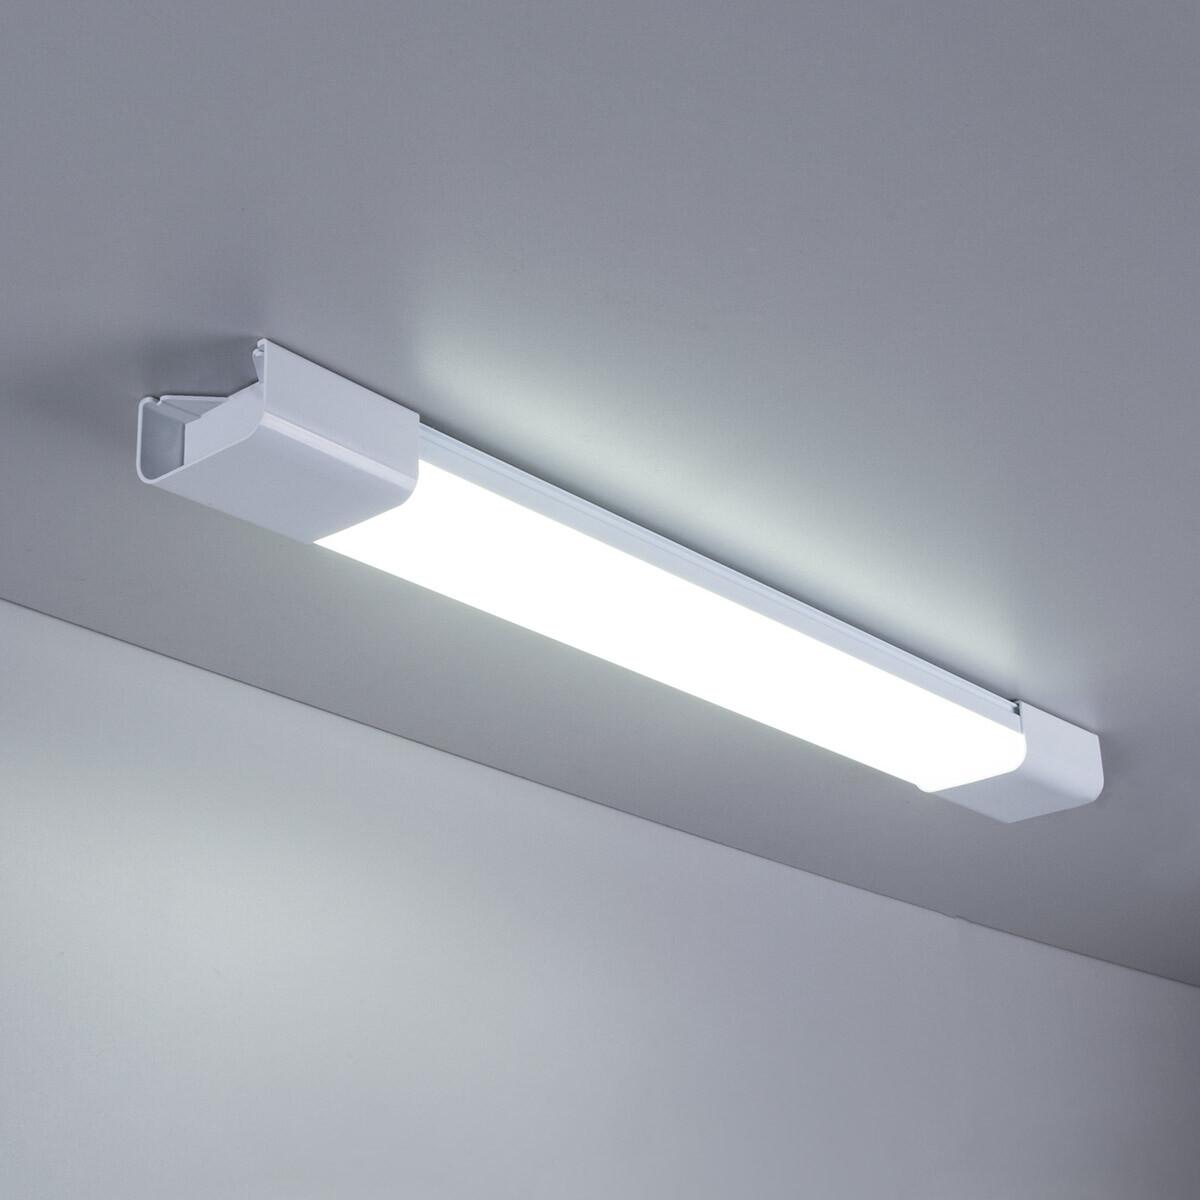 LTB0201D 18W 6500K / Светильник стационарный светодиодный LED 60см 6500К IP65